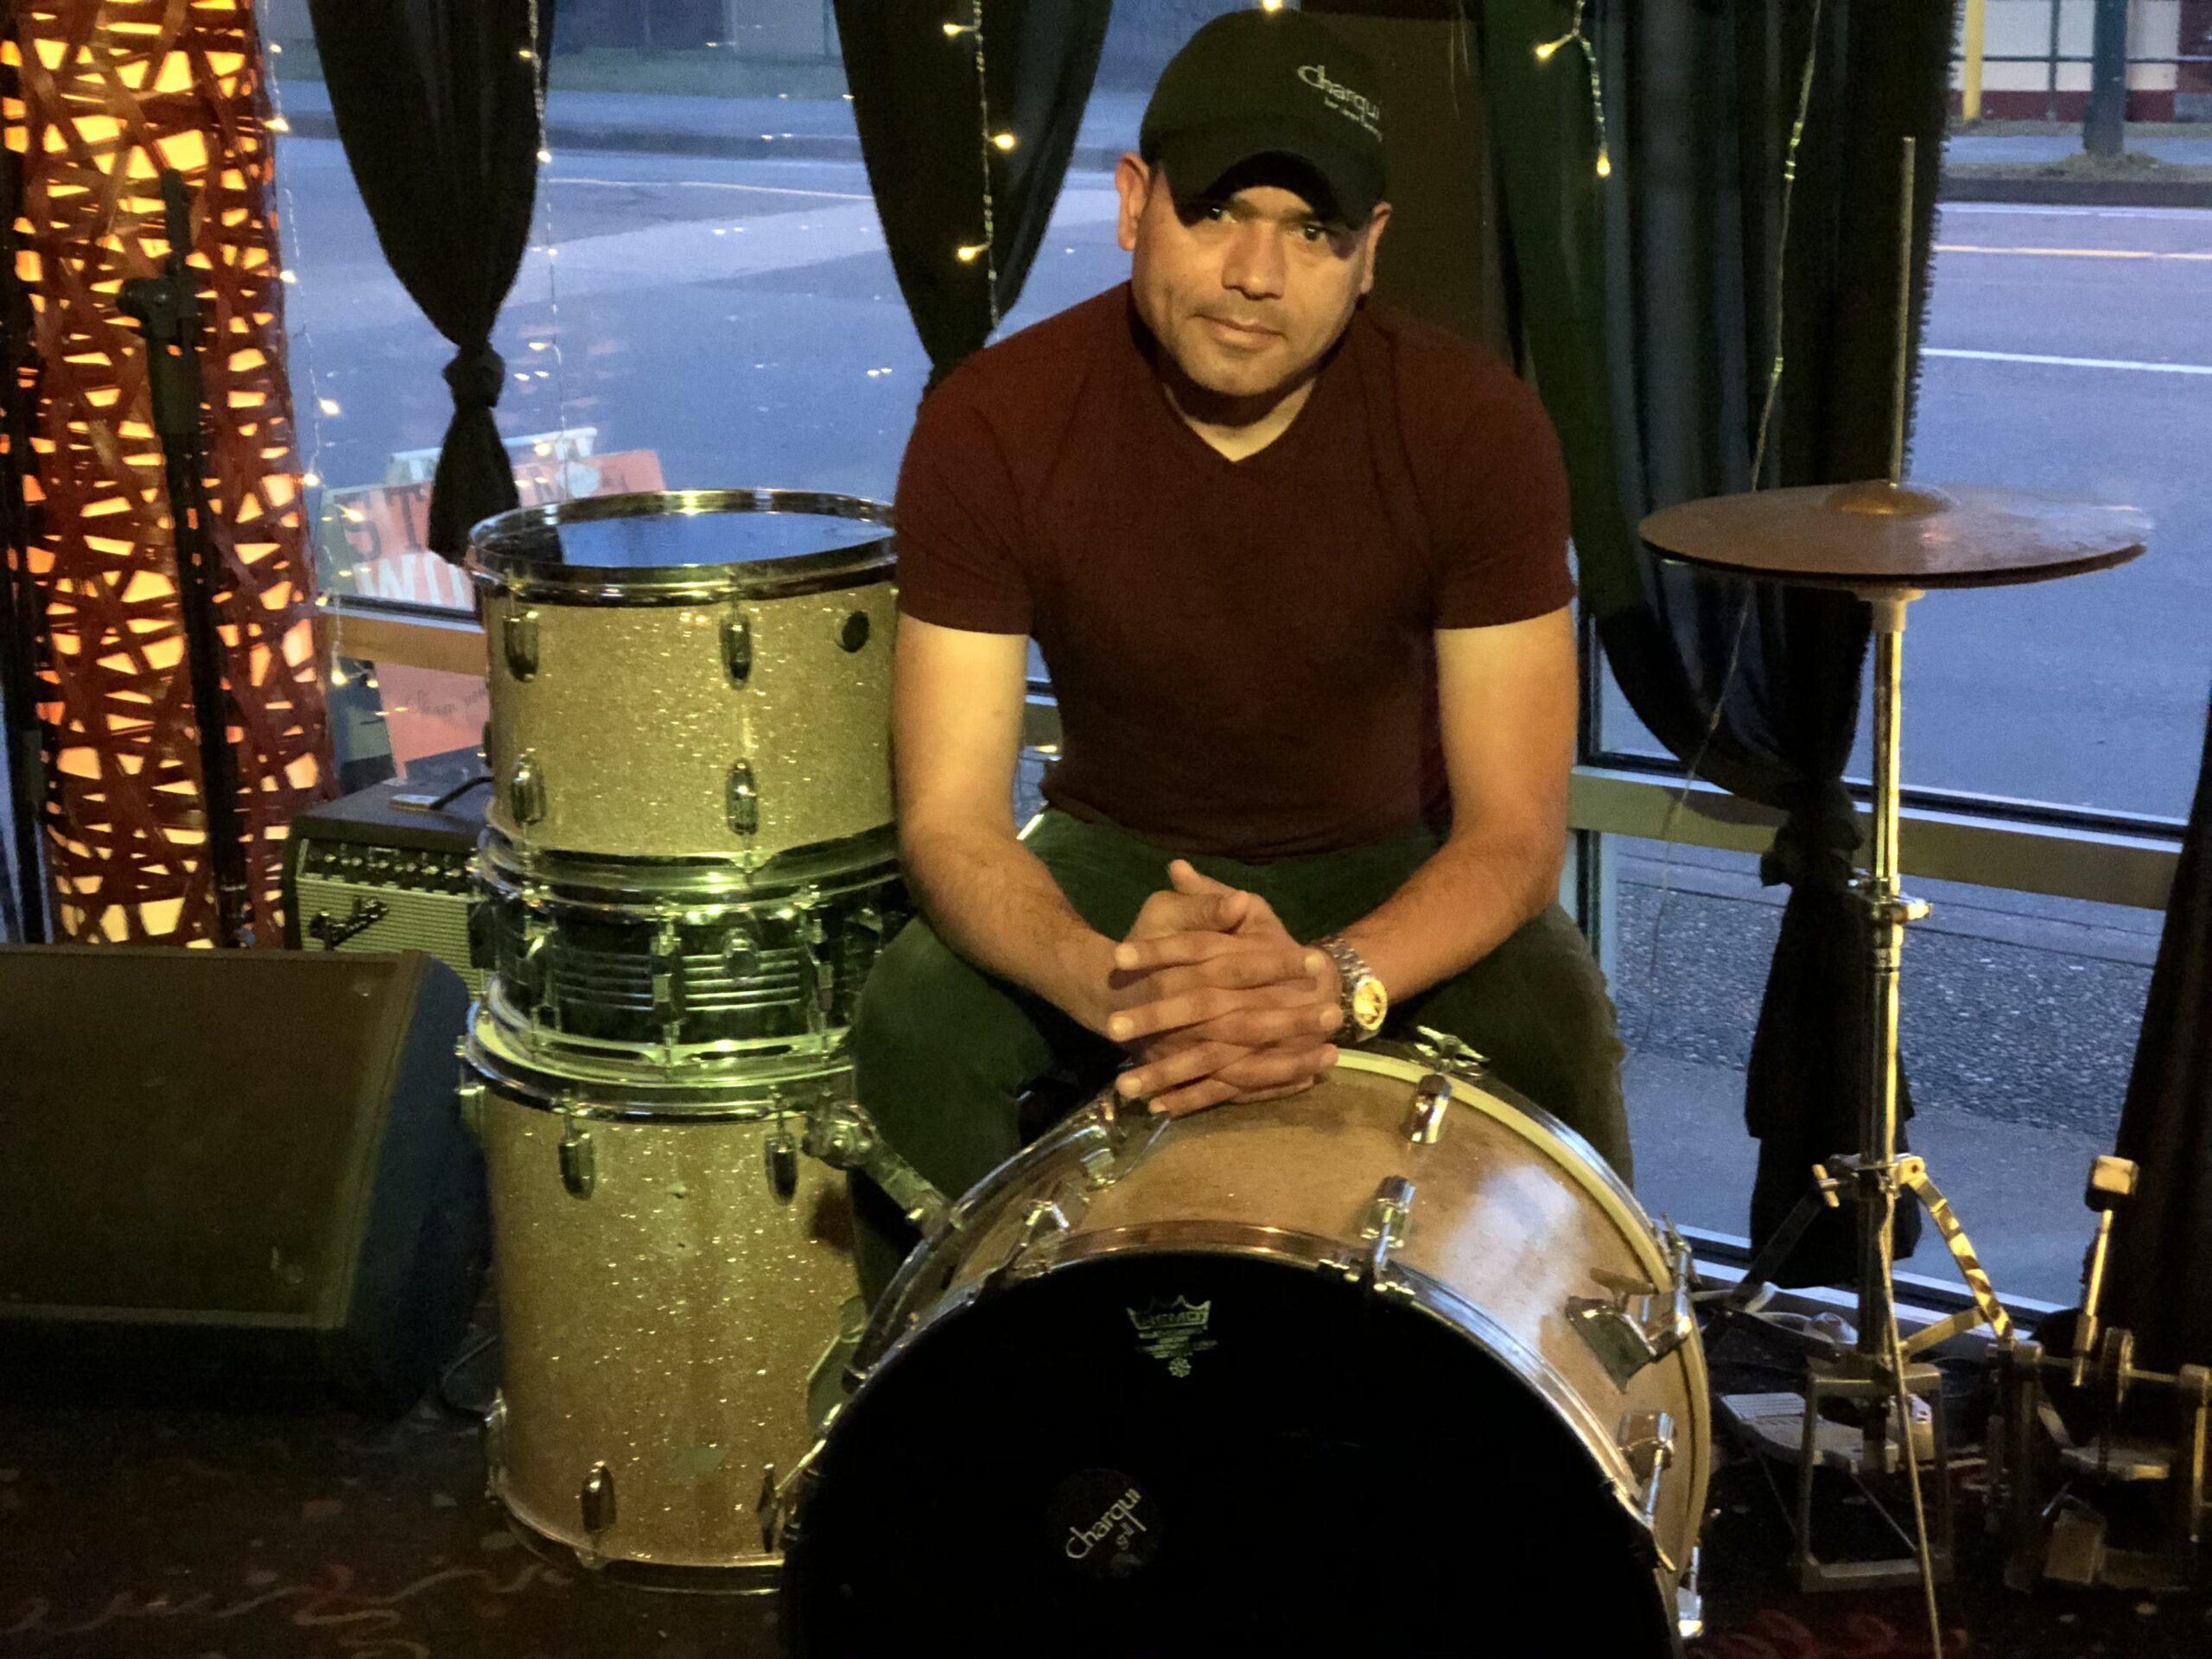 Sanjay runs a live music business